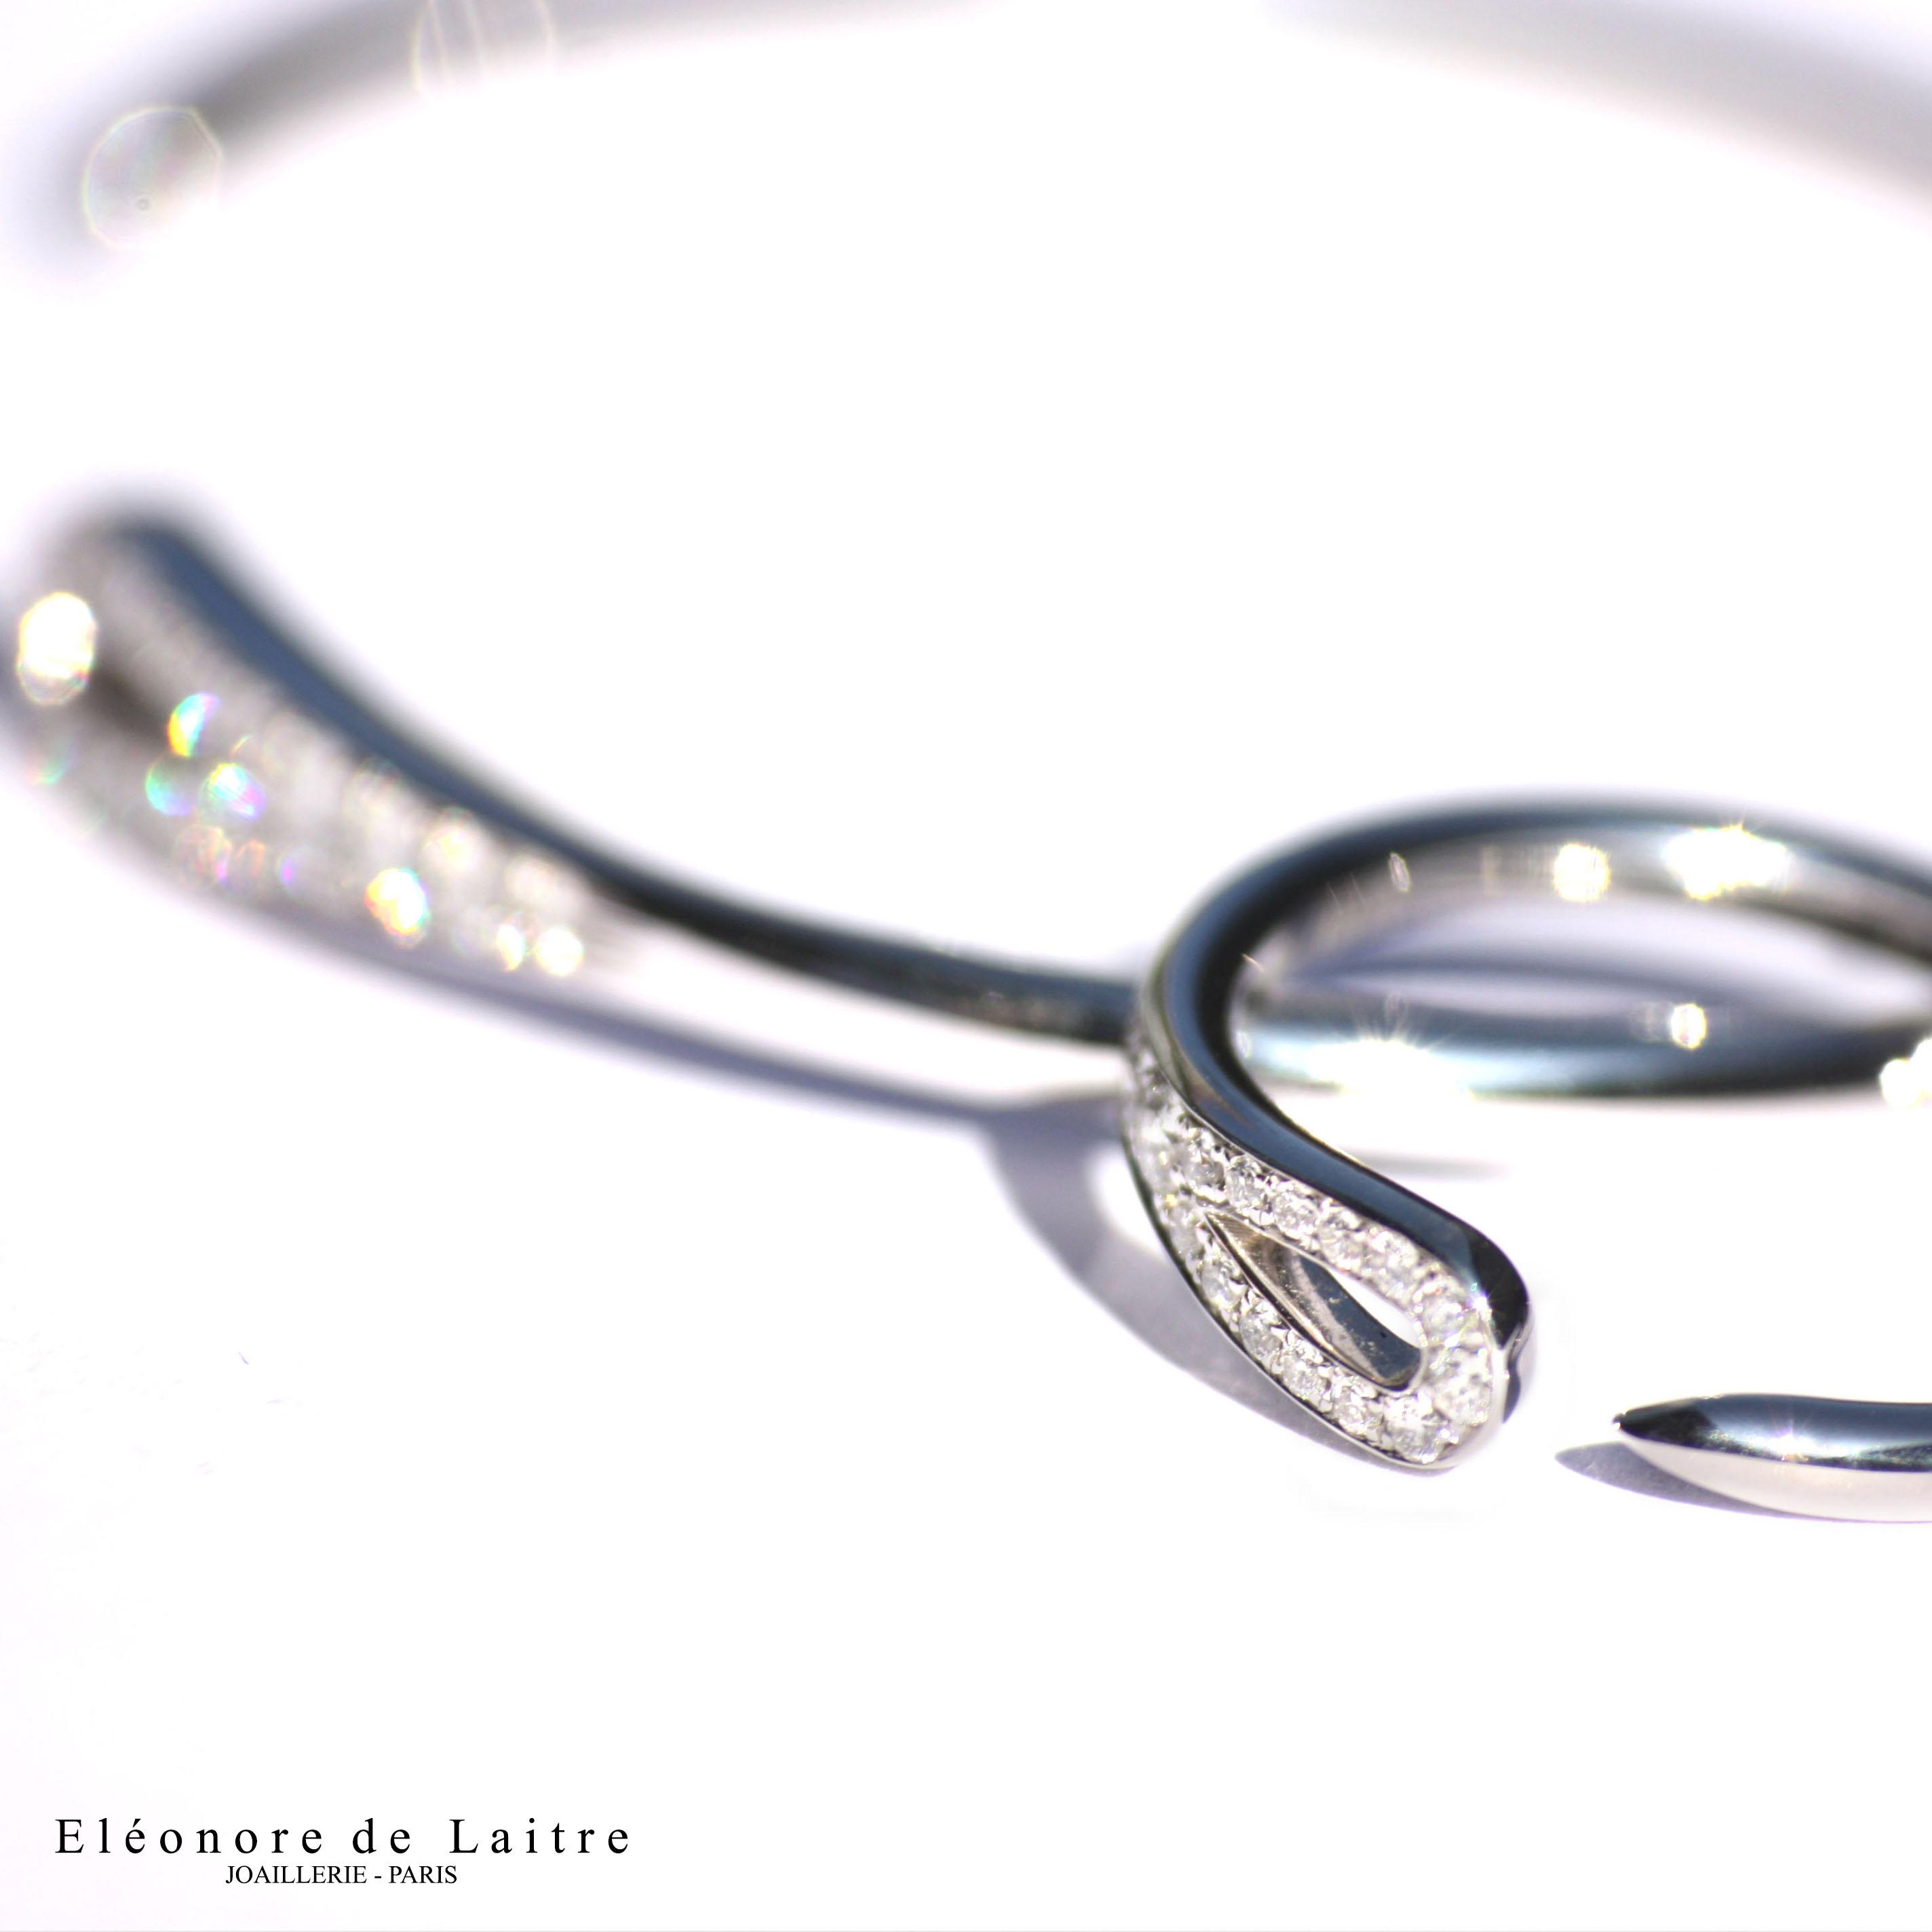 Eléonore de Laitre - Bague et Bracelet Aiguille - zoom